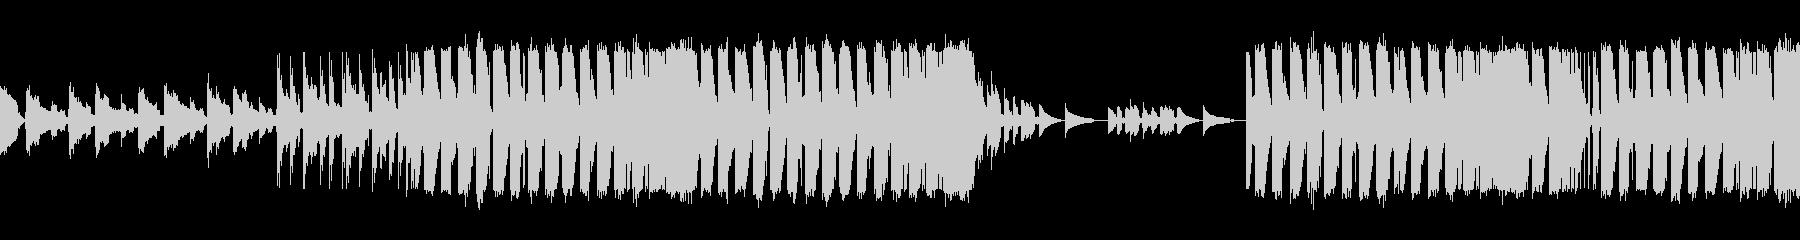 【Synthe抜】クラシックEDMの未再生の波形